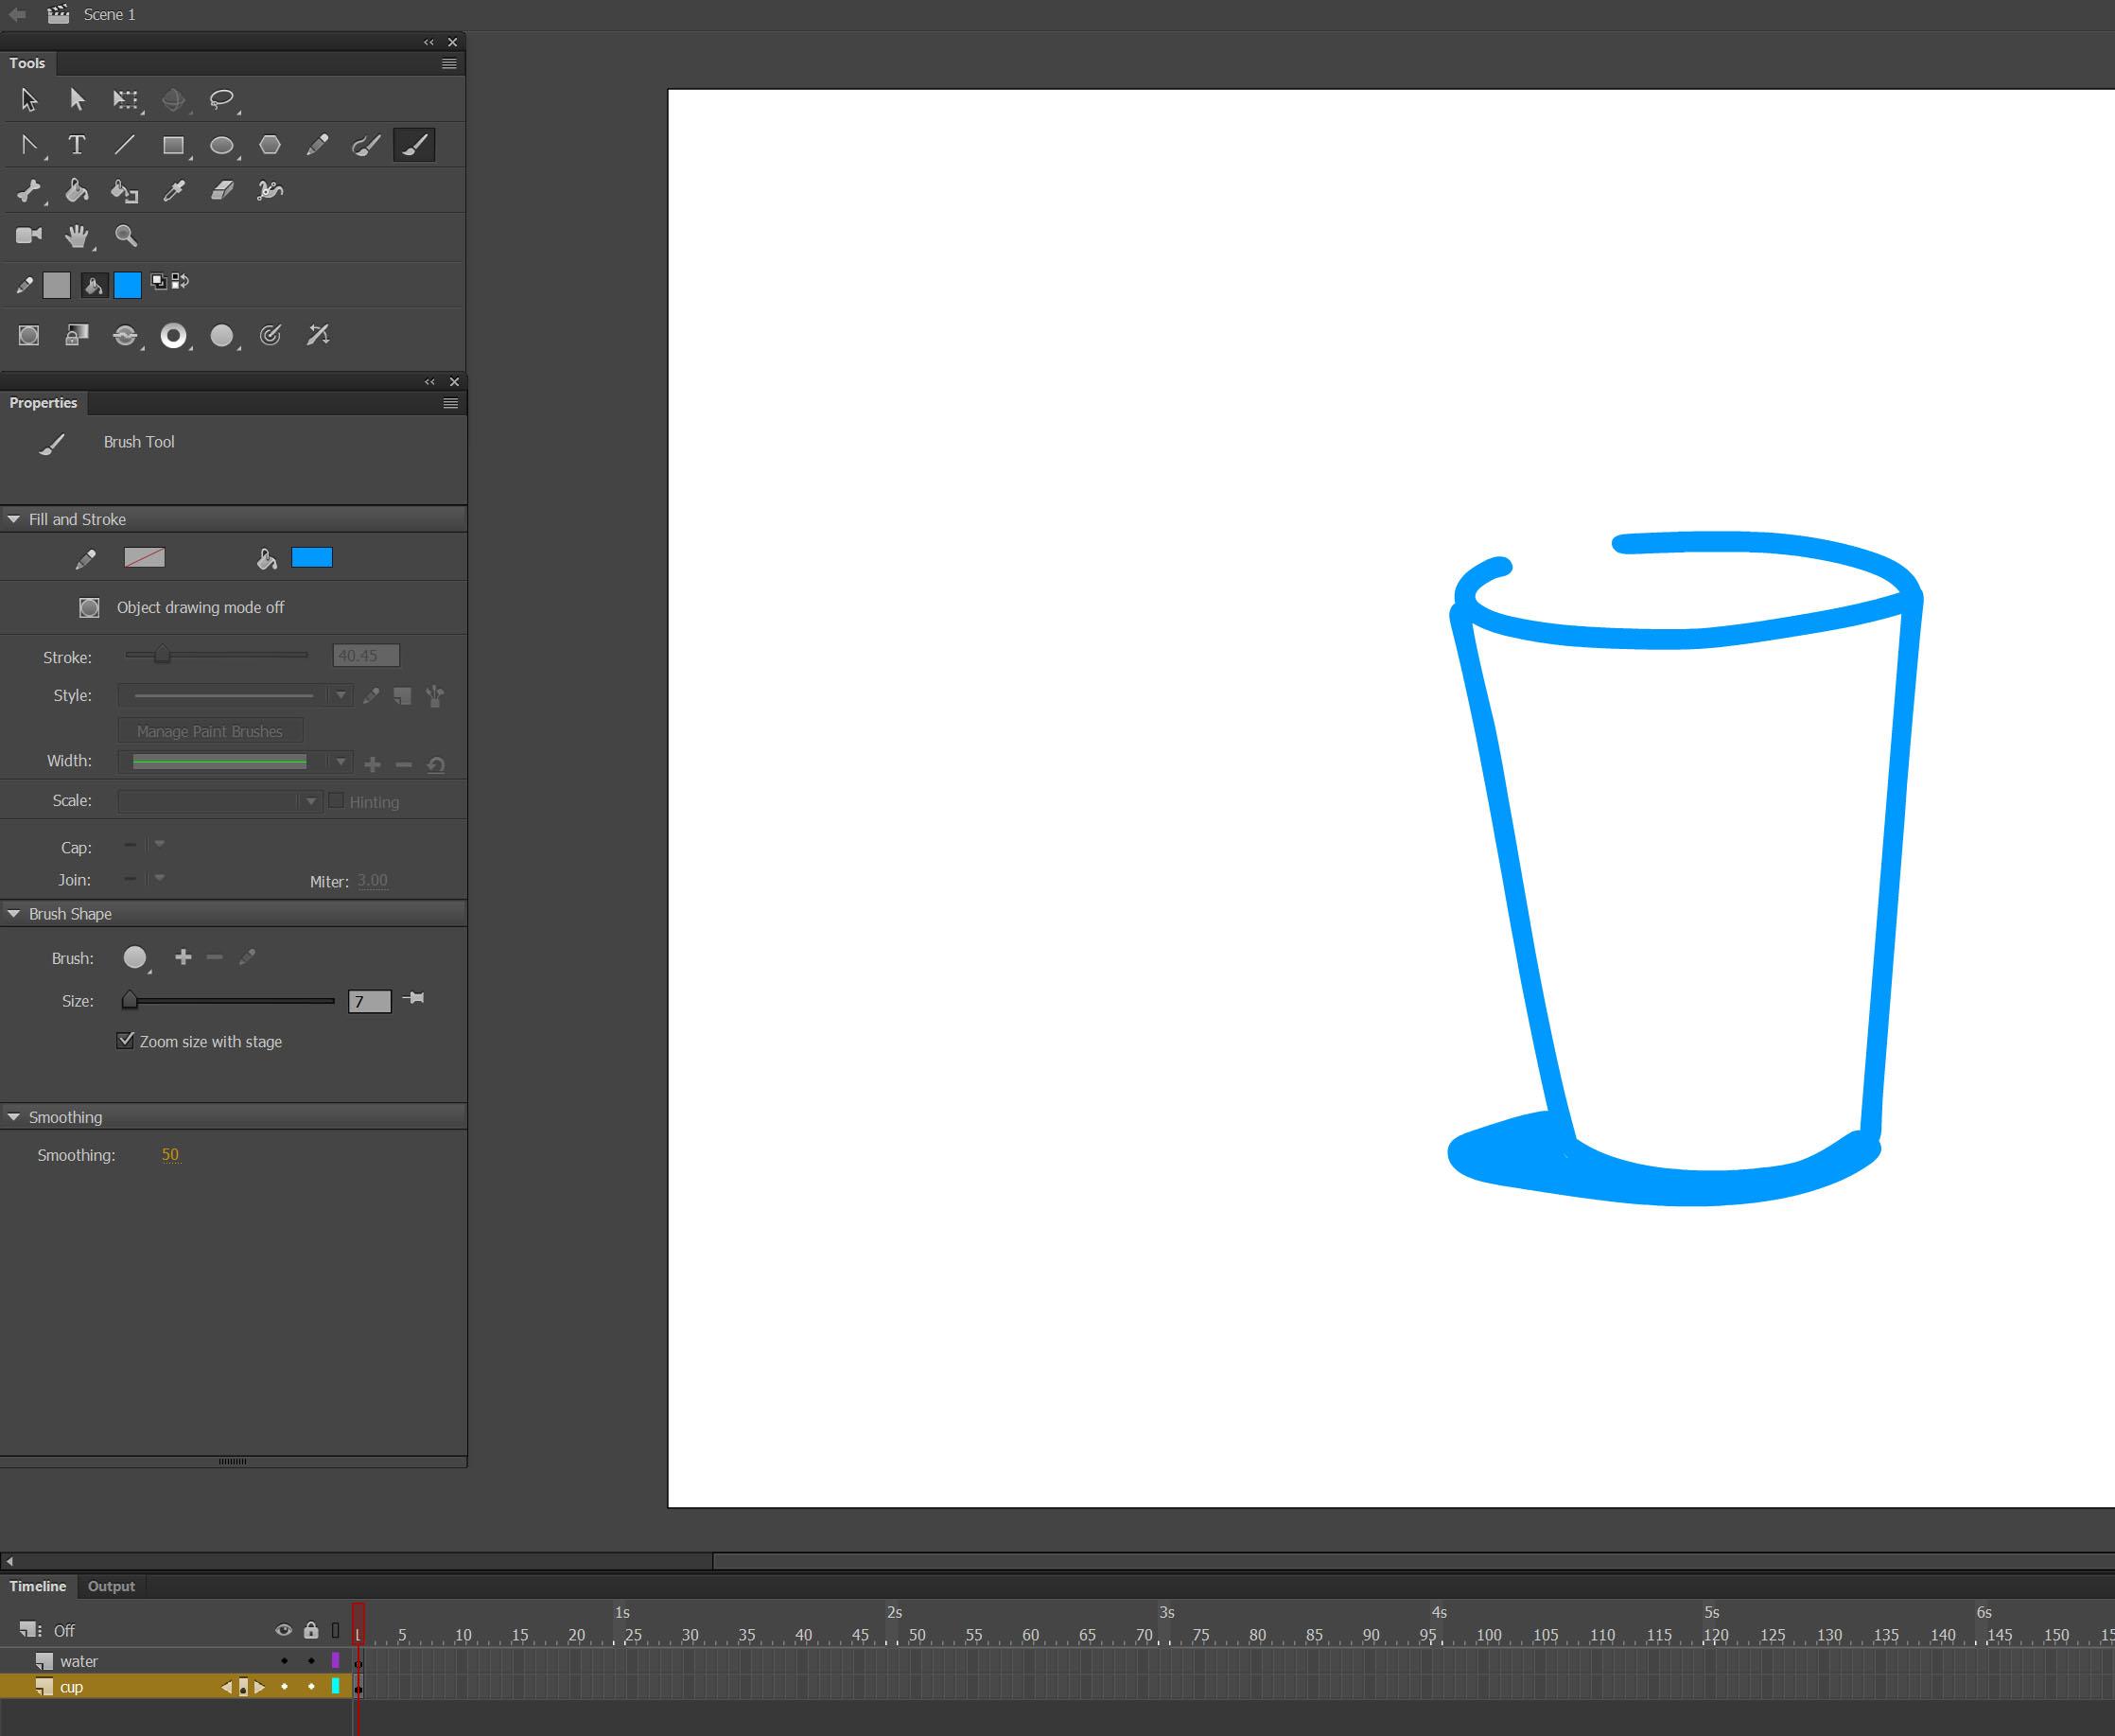 pose to pose Adobe Animation tutorial